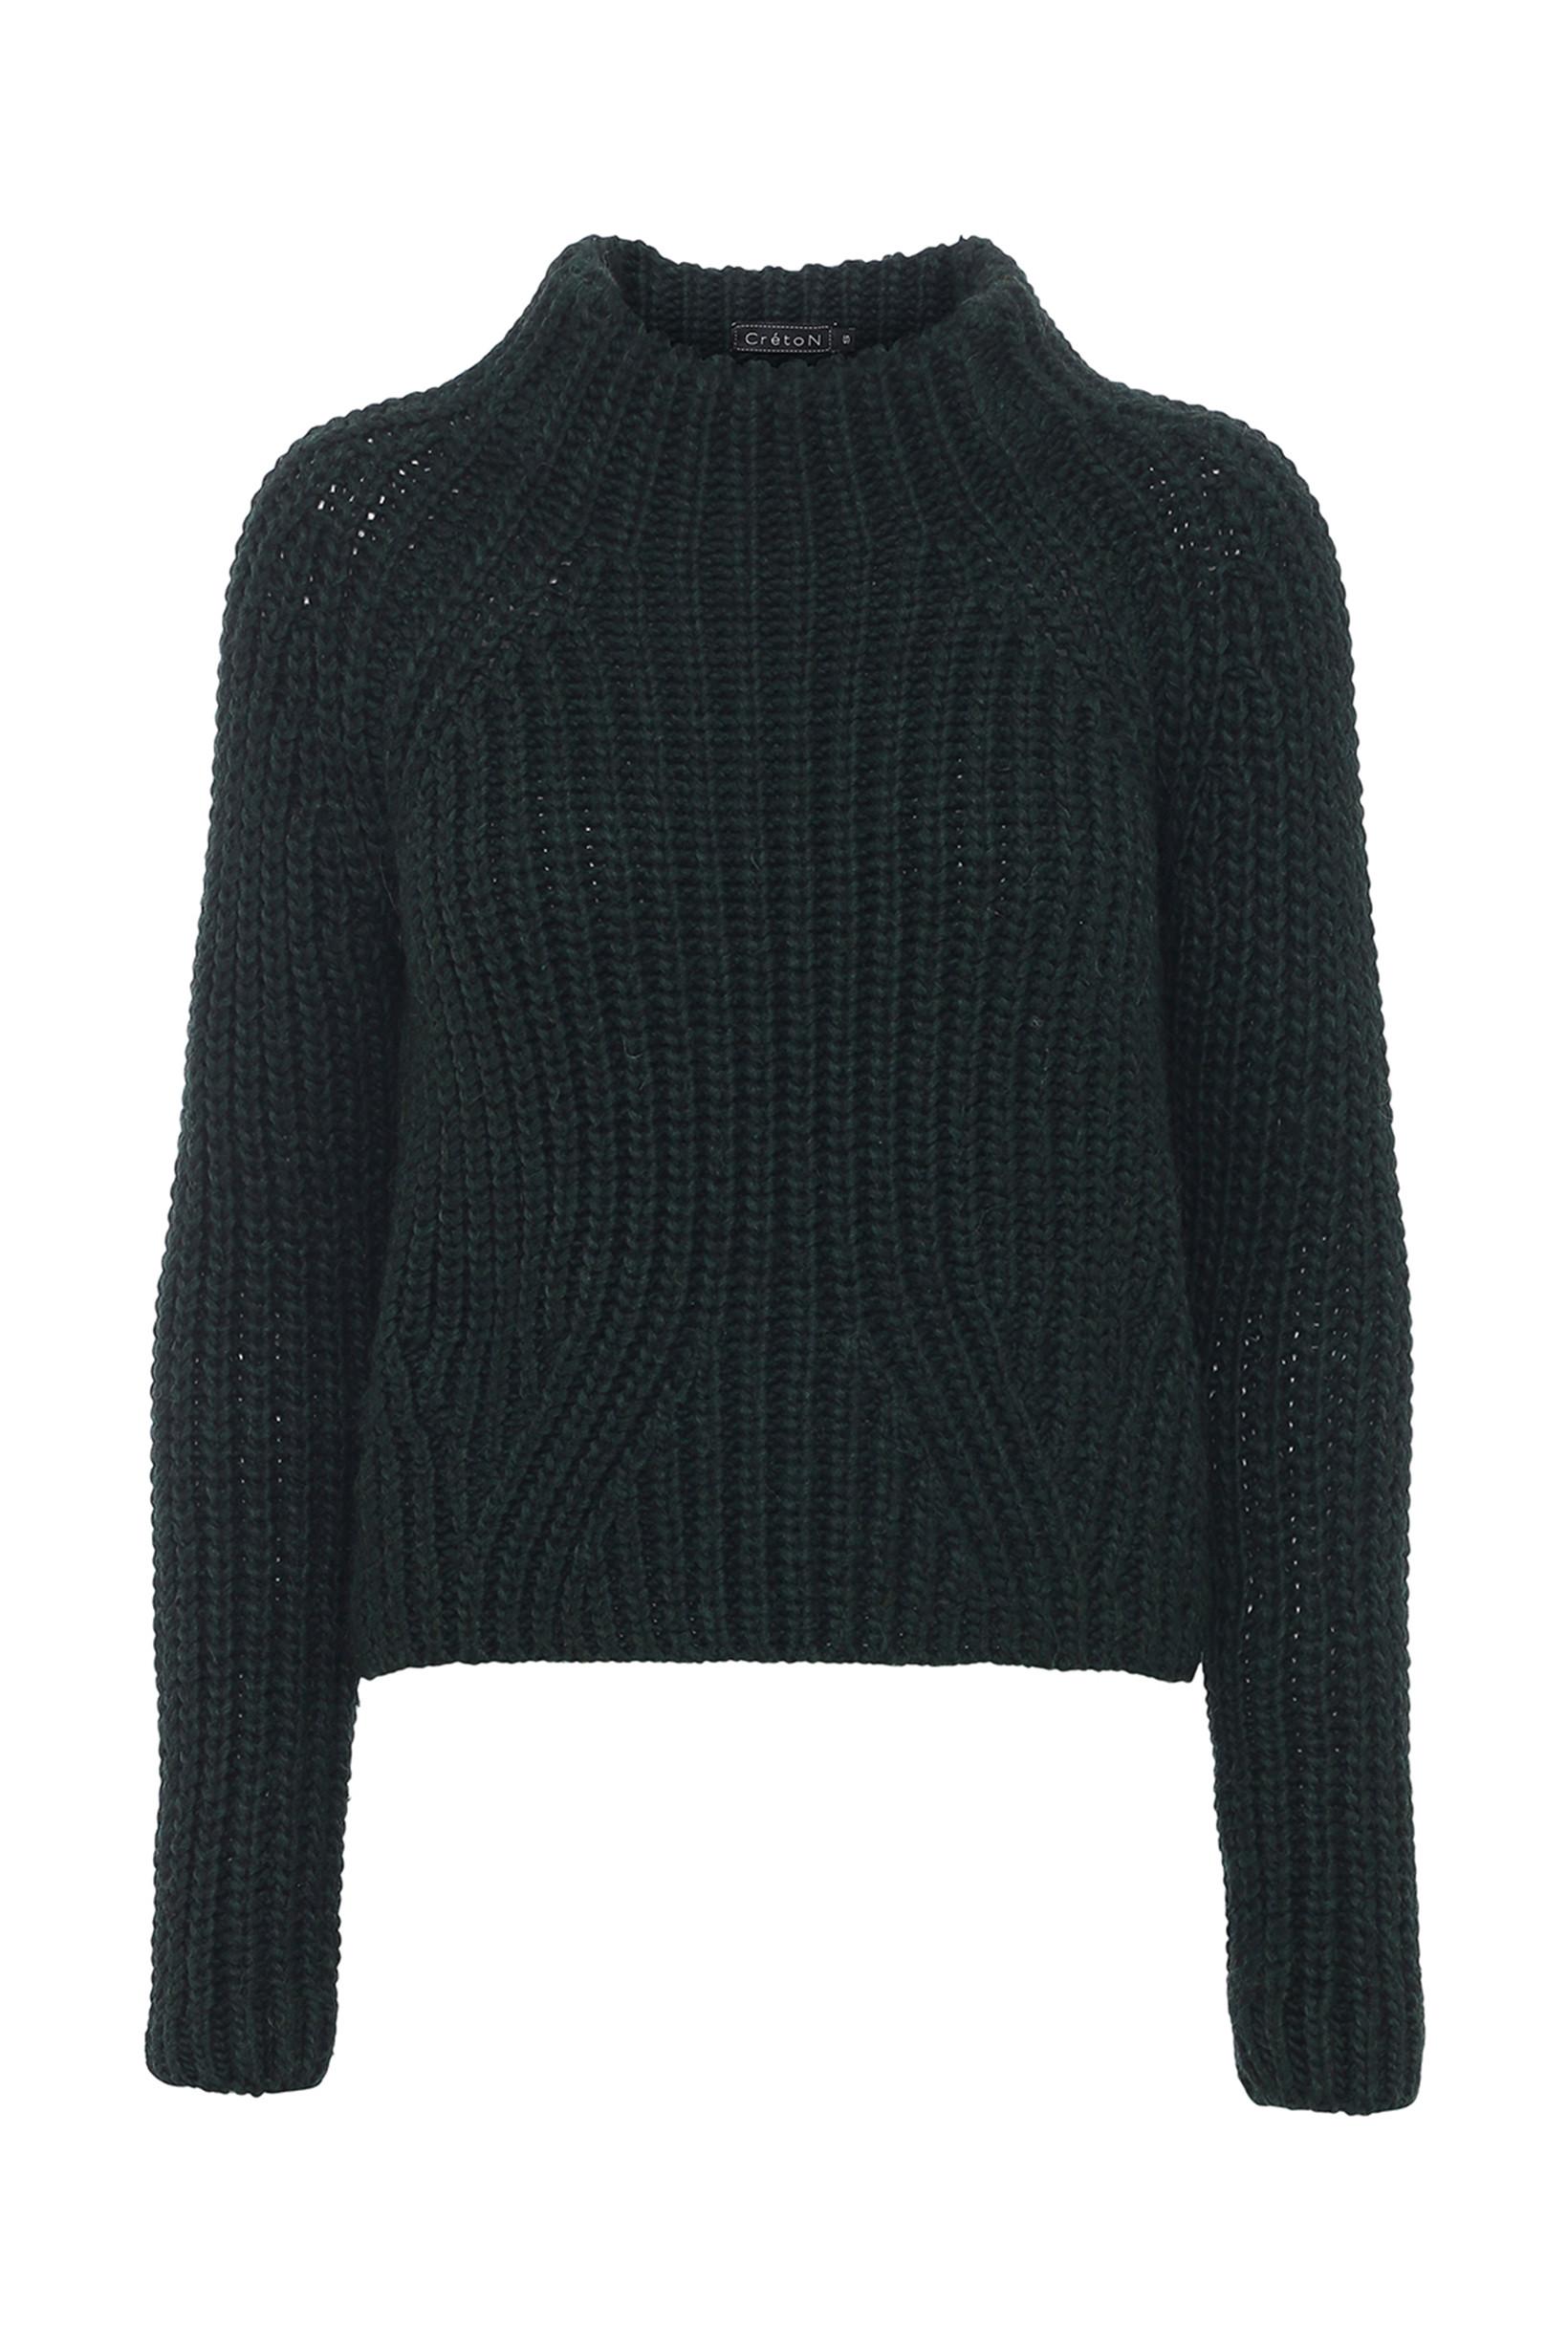 CRÉTON Bellie sweater X56 S